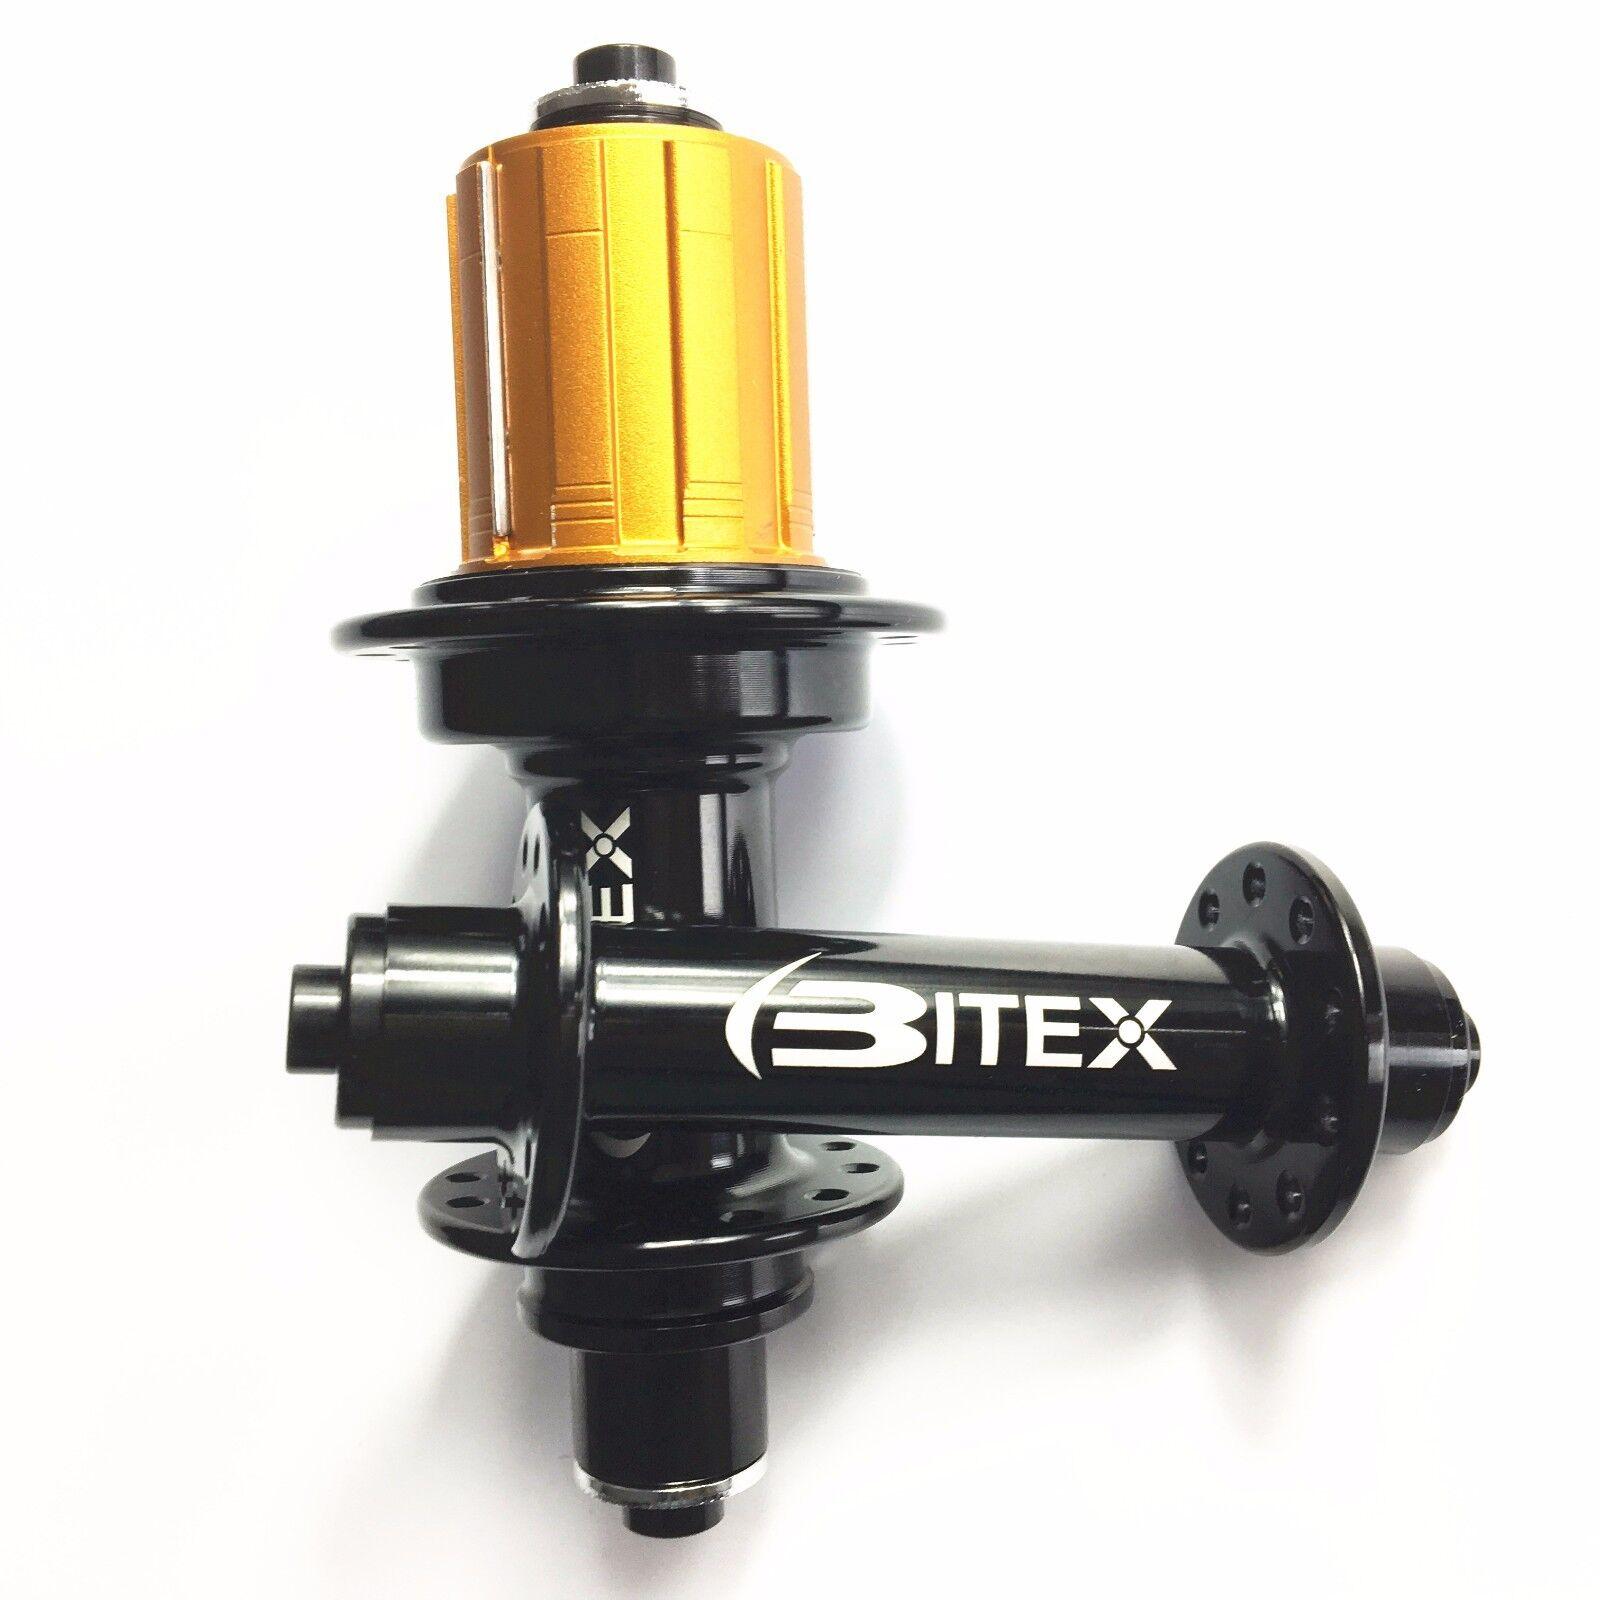 Ultraleicht Gewicht Bitex Hub 260g Rennrad Vorne 20 Hinten 24 Löcher RAF10 RAR9